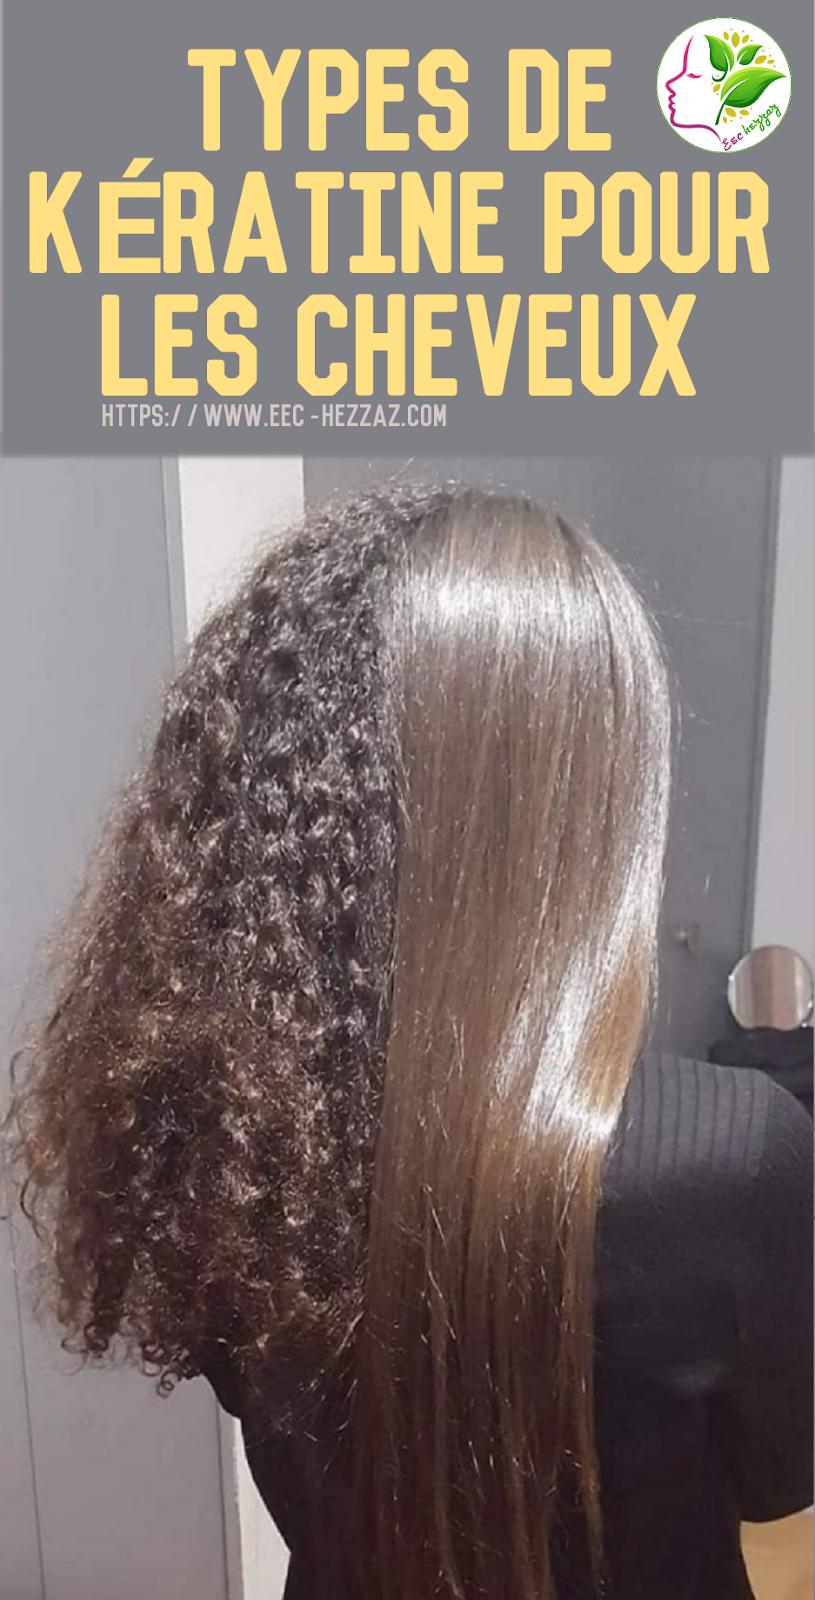 Types de kératine pour les cheveux